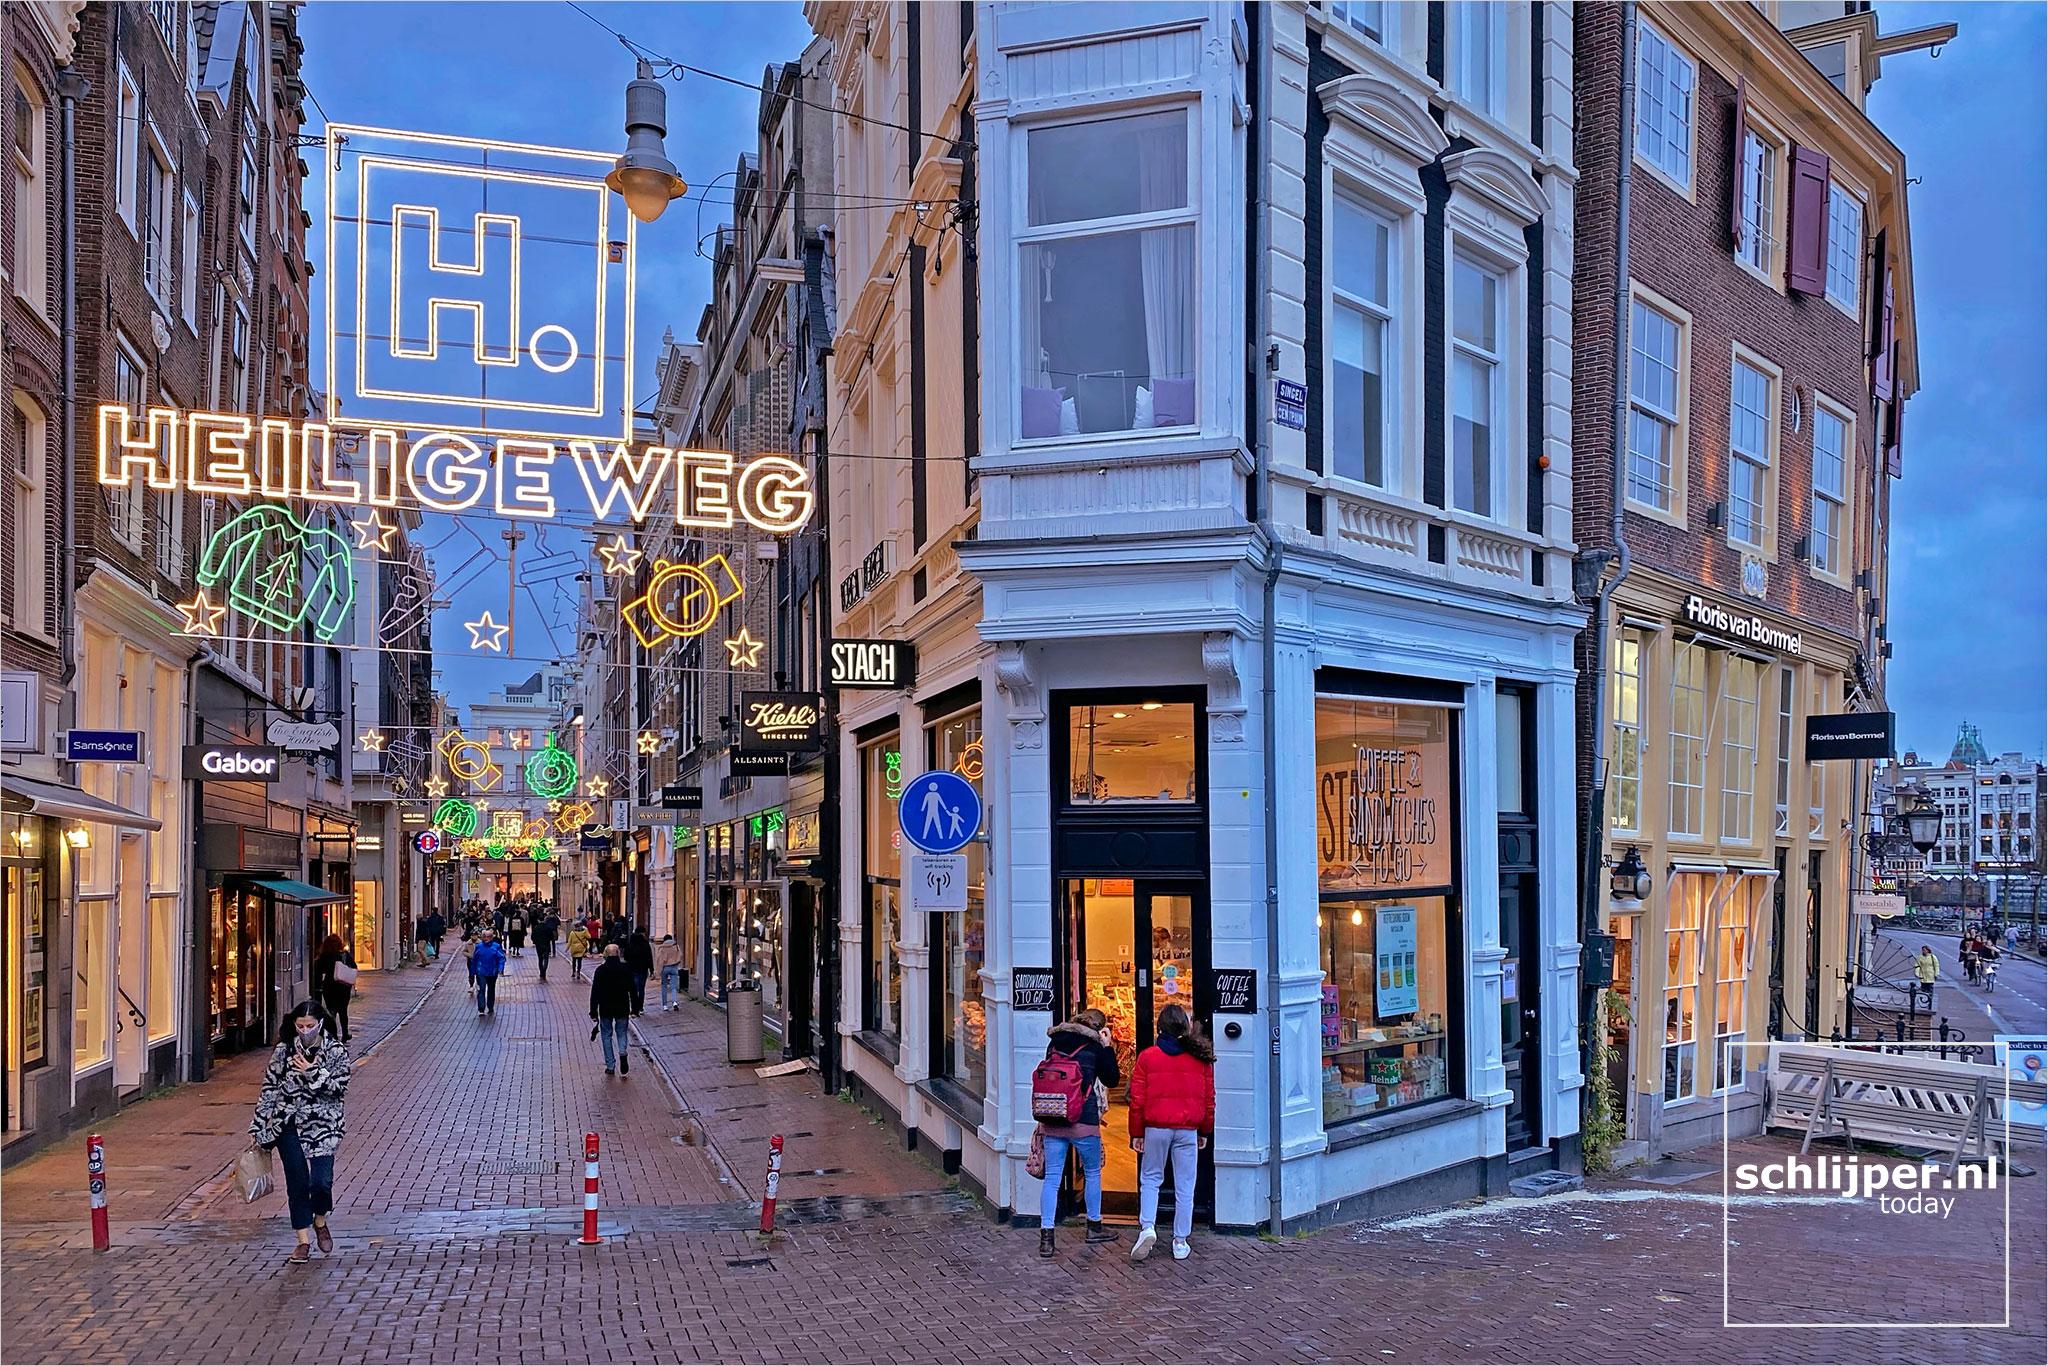 Nederland, Amsterdam, 1 november 2020